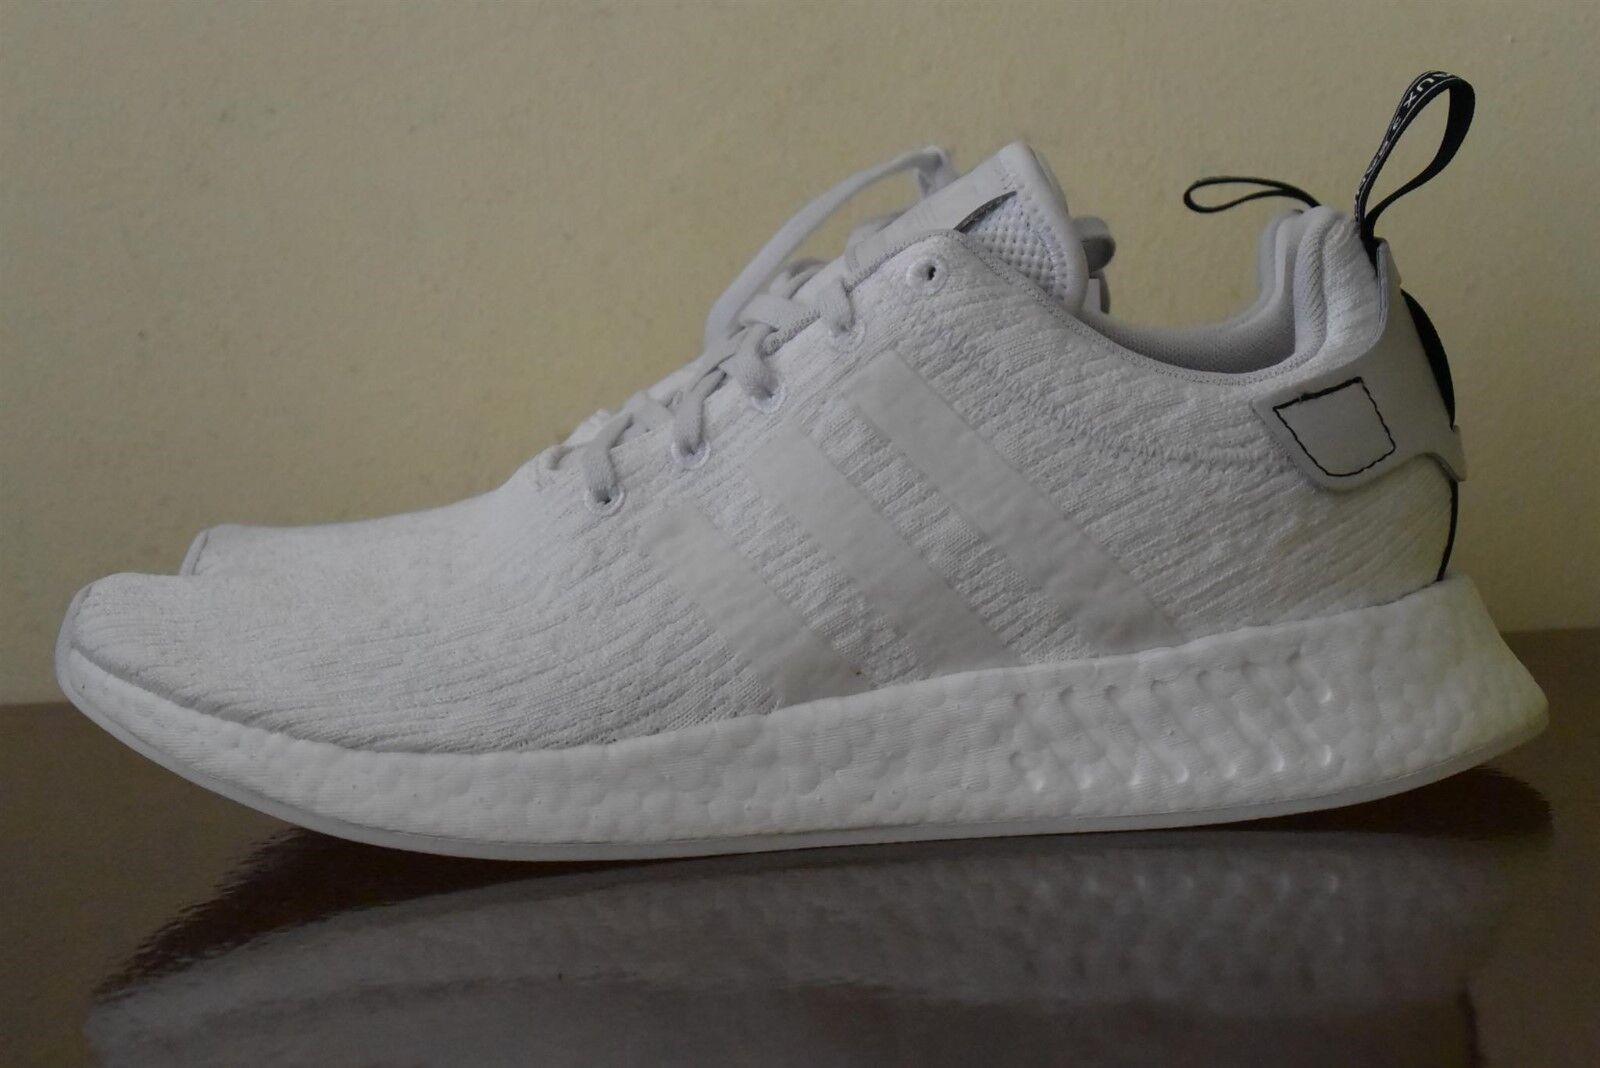 Adidas NMD_R2 Weiß BY9914 Gr. 46 2/3